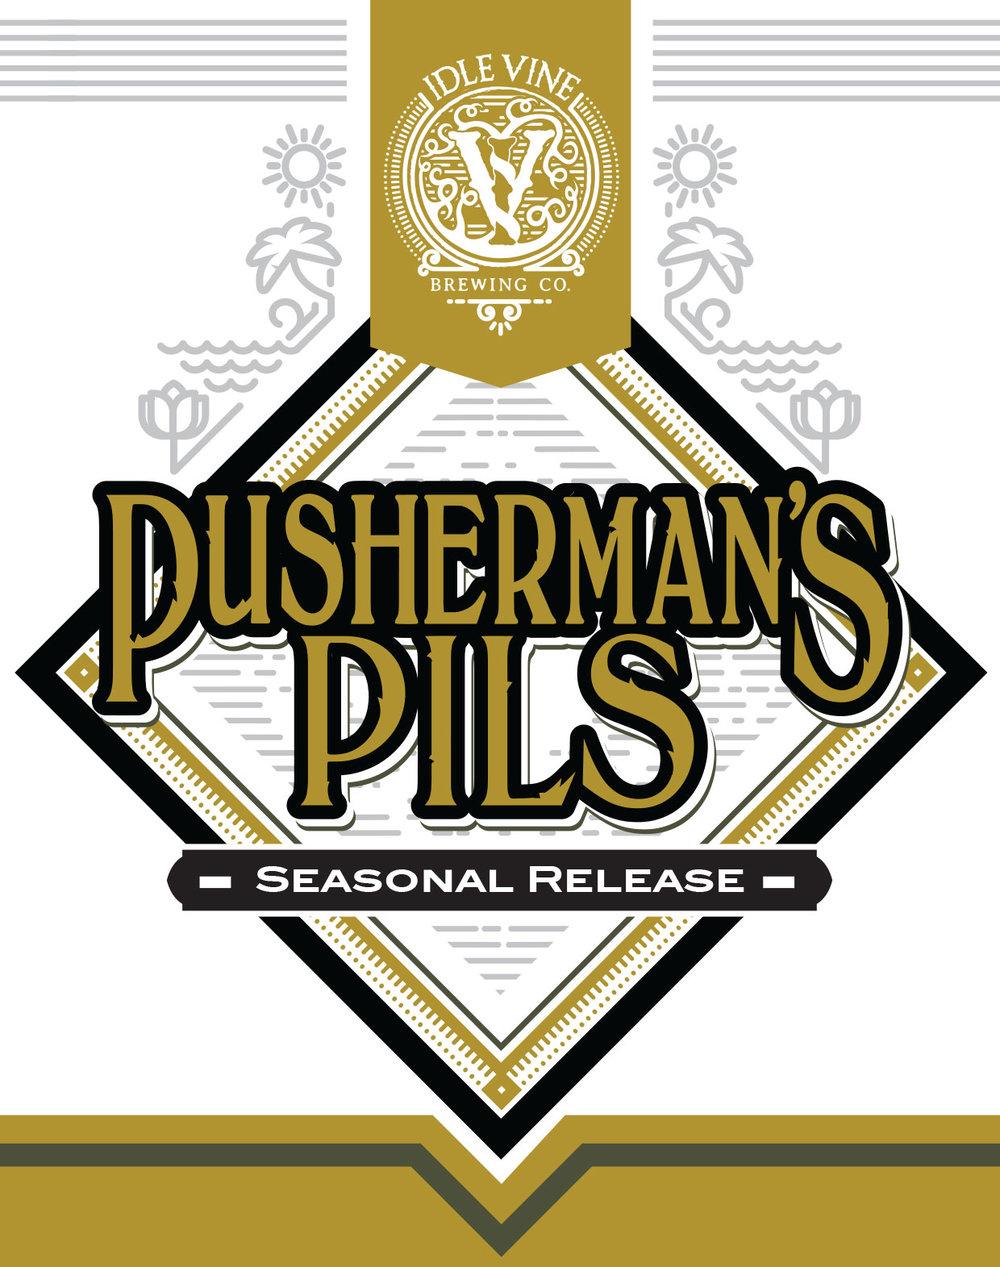 Pusherman-Pils-badge.jpg